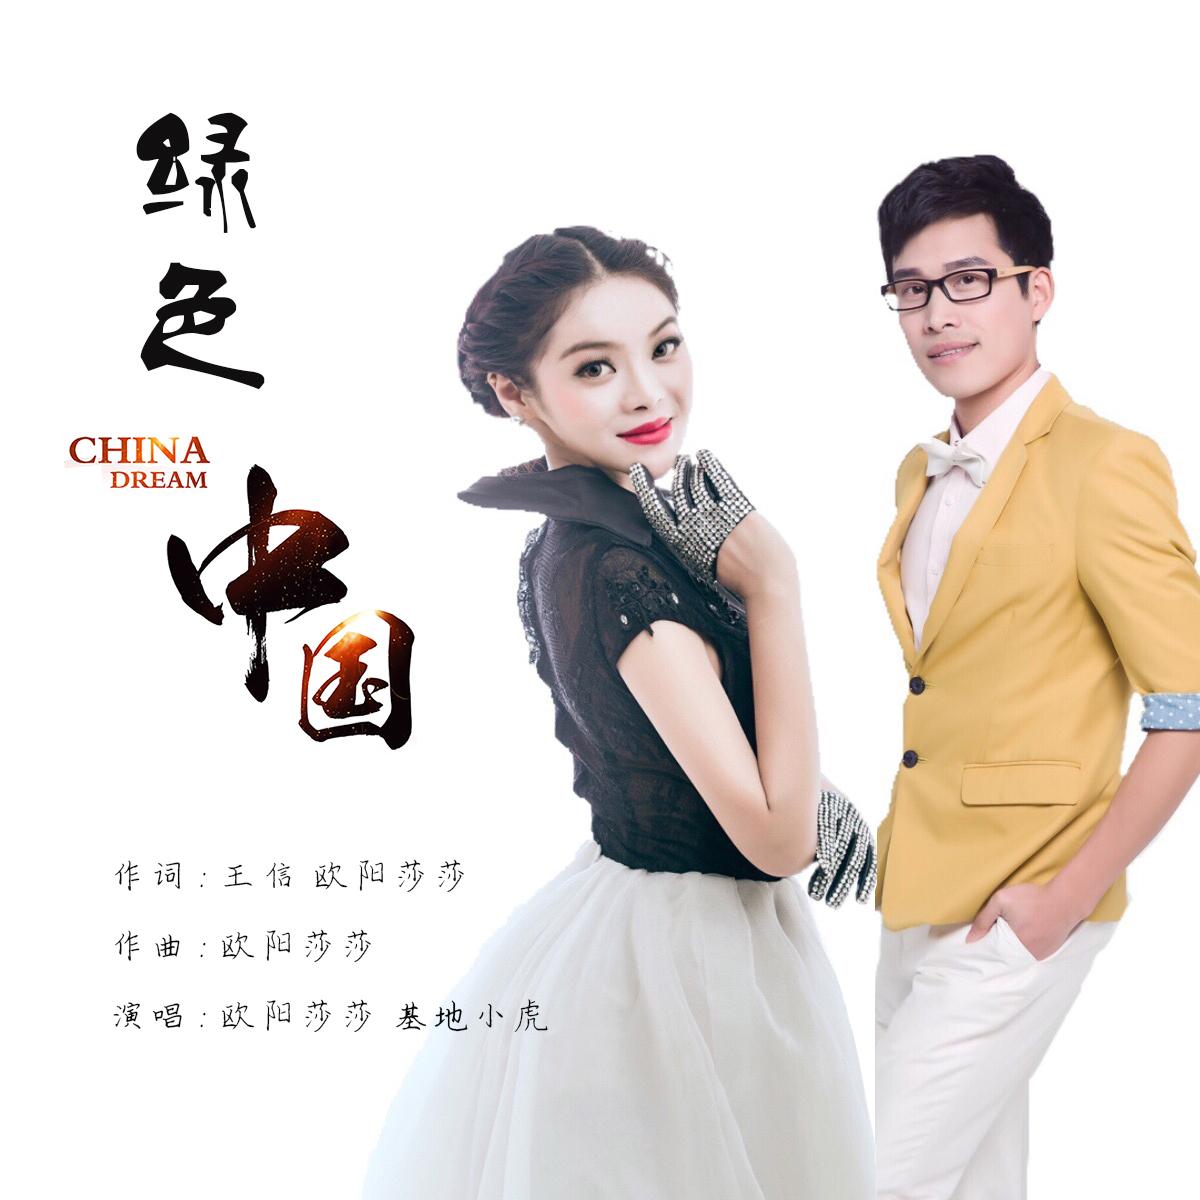 歌手欧阳莎莎携手基地小虎首度发行最新单曲《绿色中国》